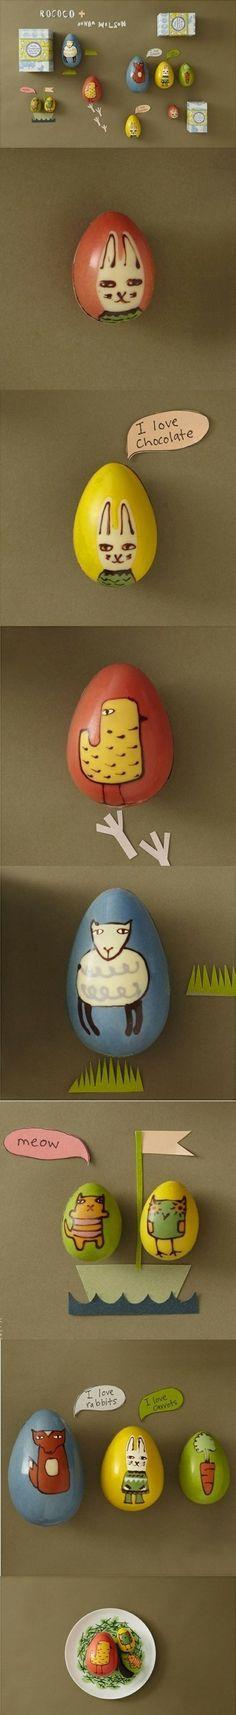 """鸡蛋君的逆袭 这些手绘巧克力彩蛋,并给彩蛋们编了故事增强趣味性,不幸的是,这让彩蛋们陷入了没人舍得吃的""""尴尬""""境地。"""